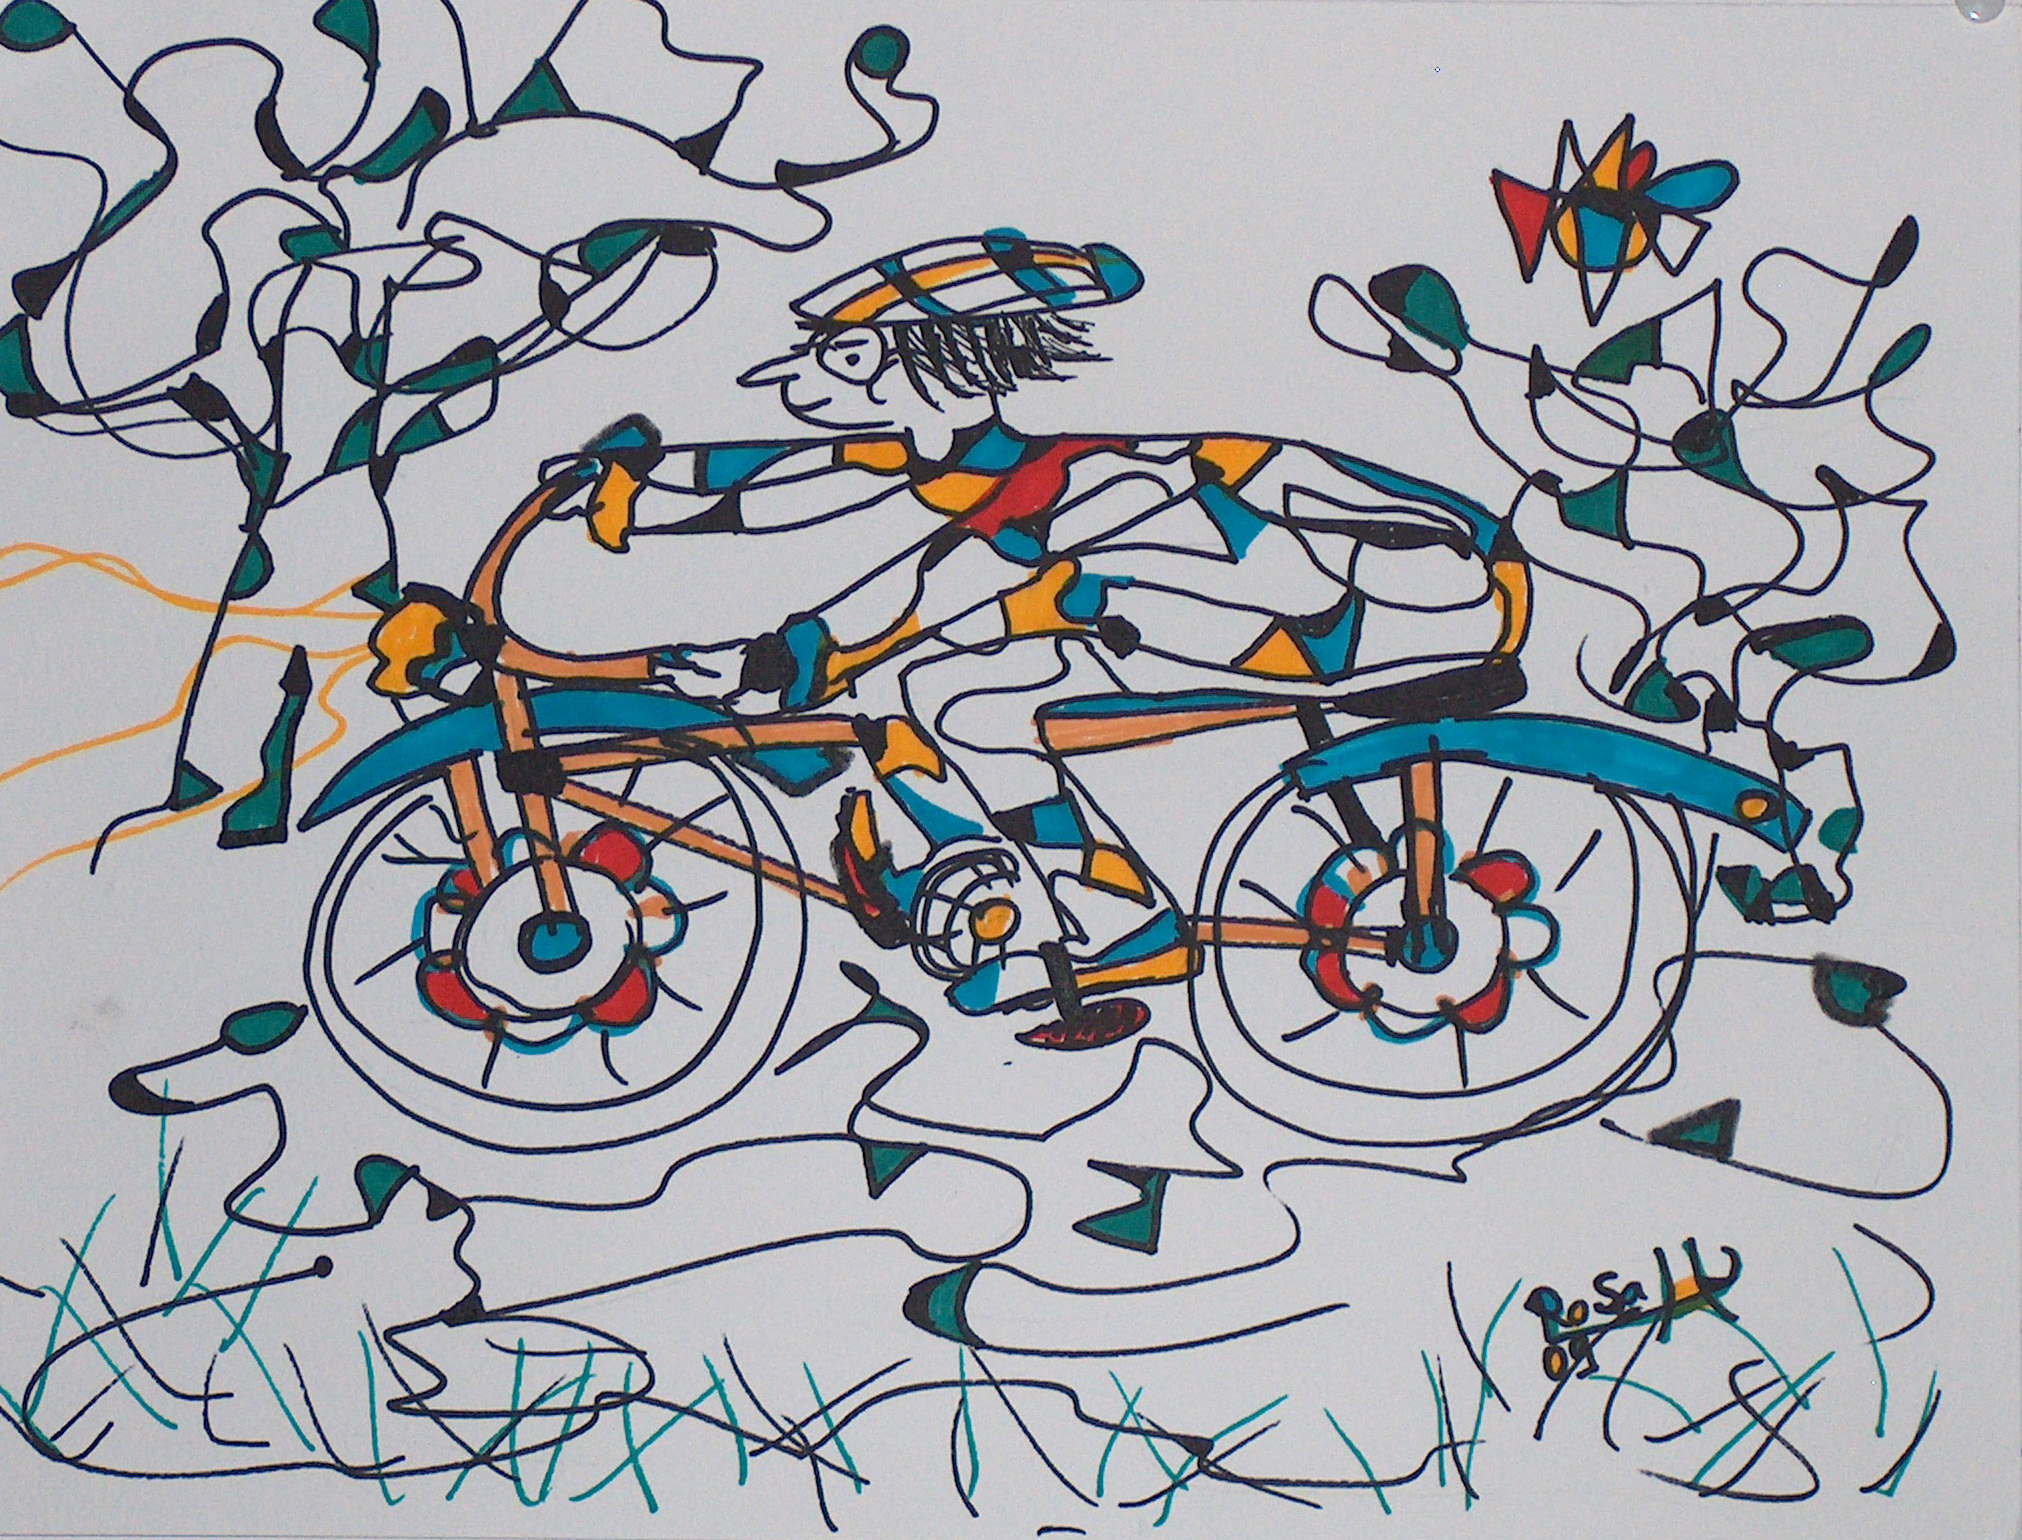 Der Radler auf dem blauen Rad